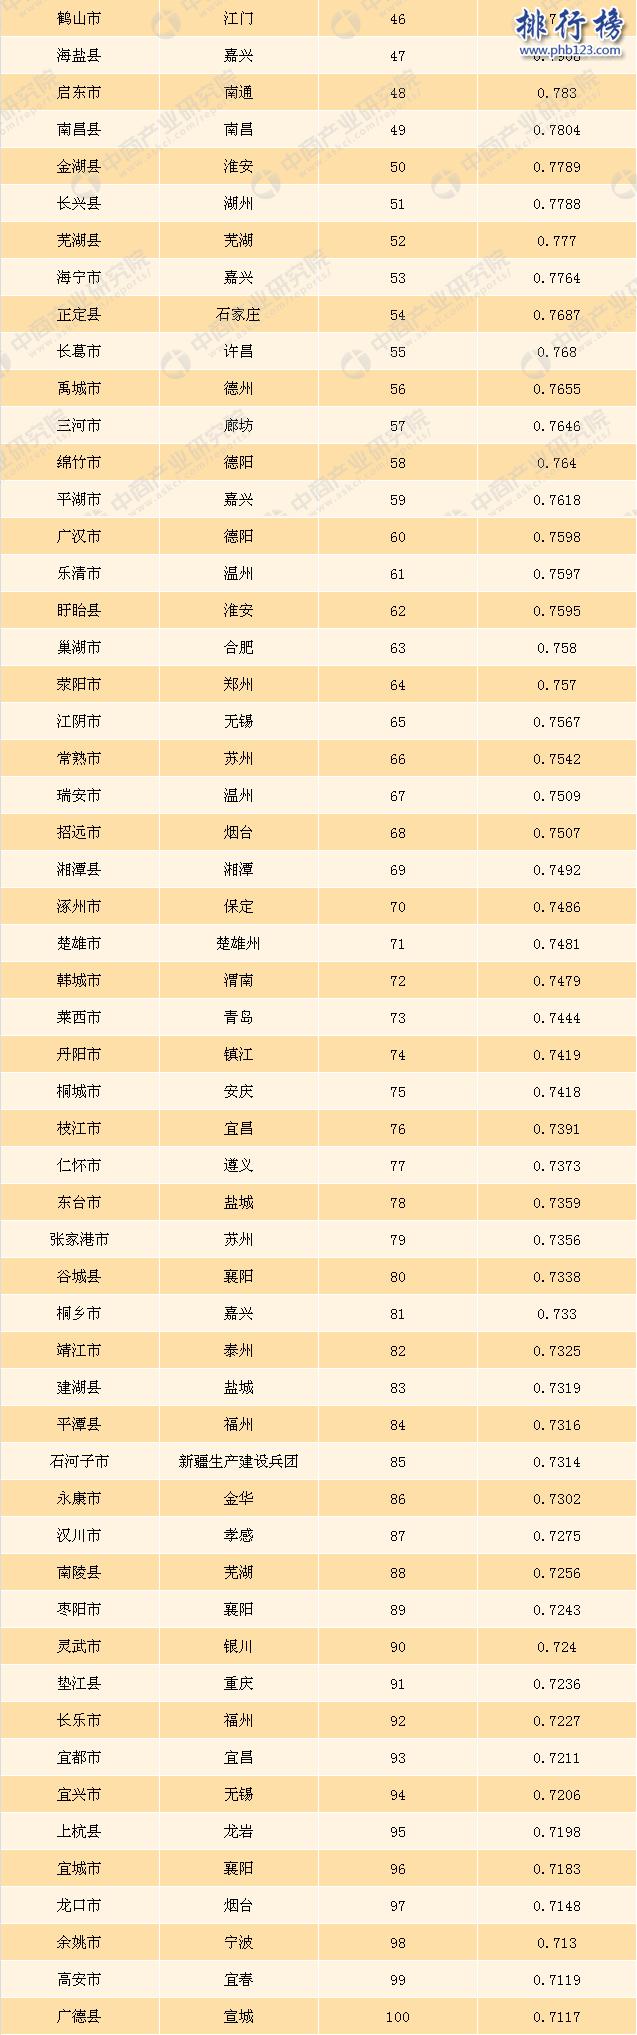 2017全国投资潜力百强县市排名:廊坊居首,阜阳第二(完整名单)